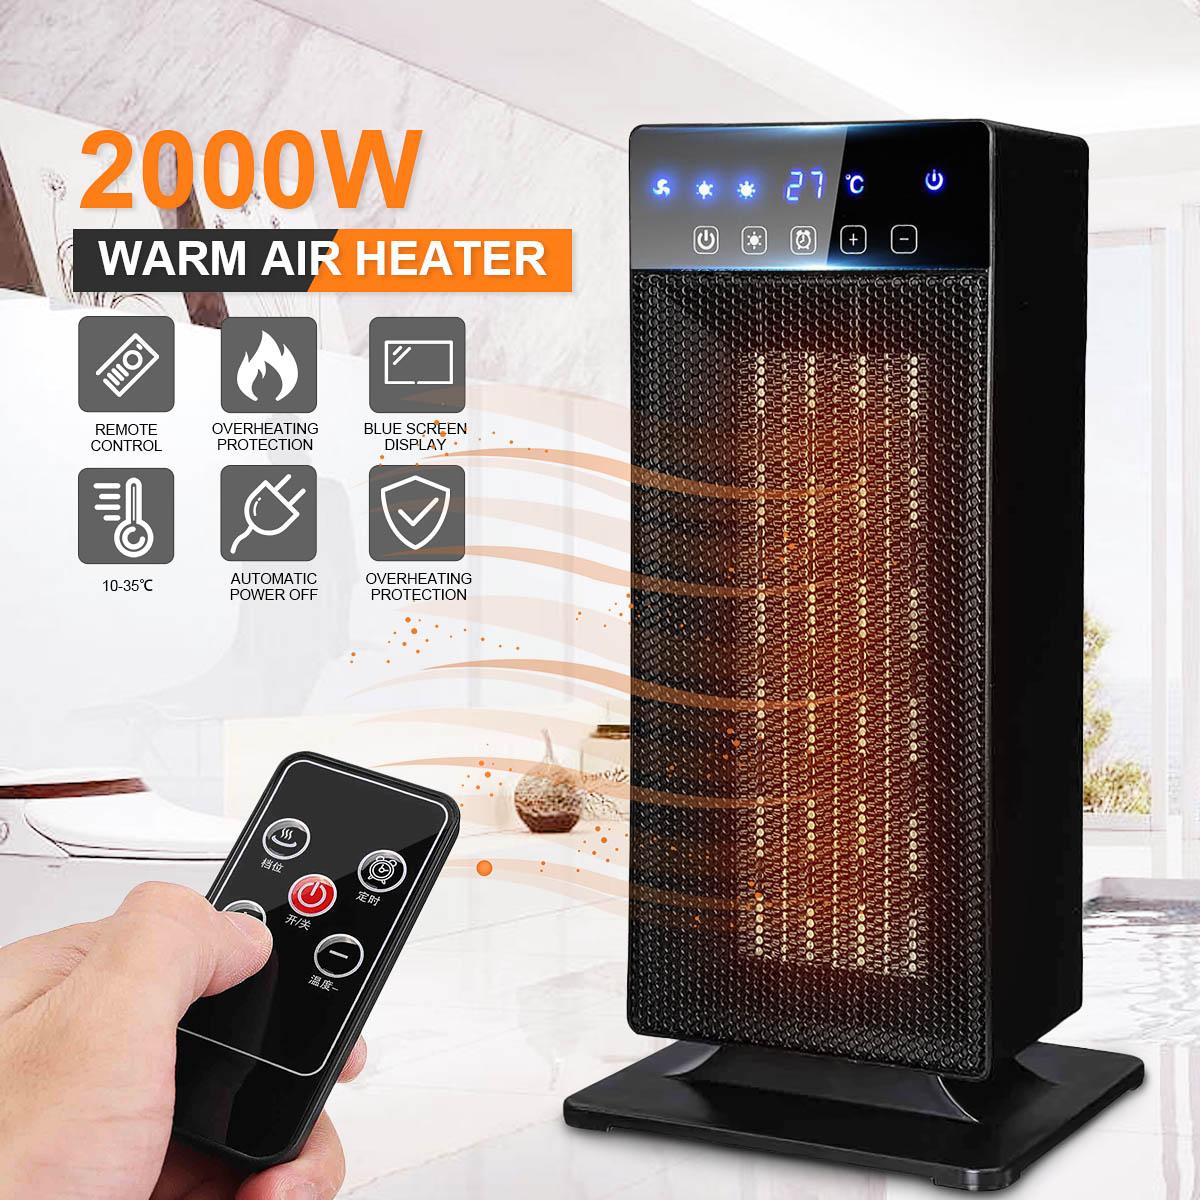 2000 W 220 V sans fil à distance ménage silencieux chauffage à Air chaud ventilateur plus chaud ventilateur US Plug réglable pour dortoirs bureaux maison